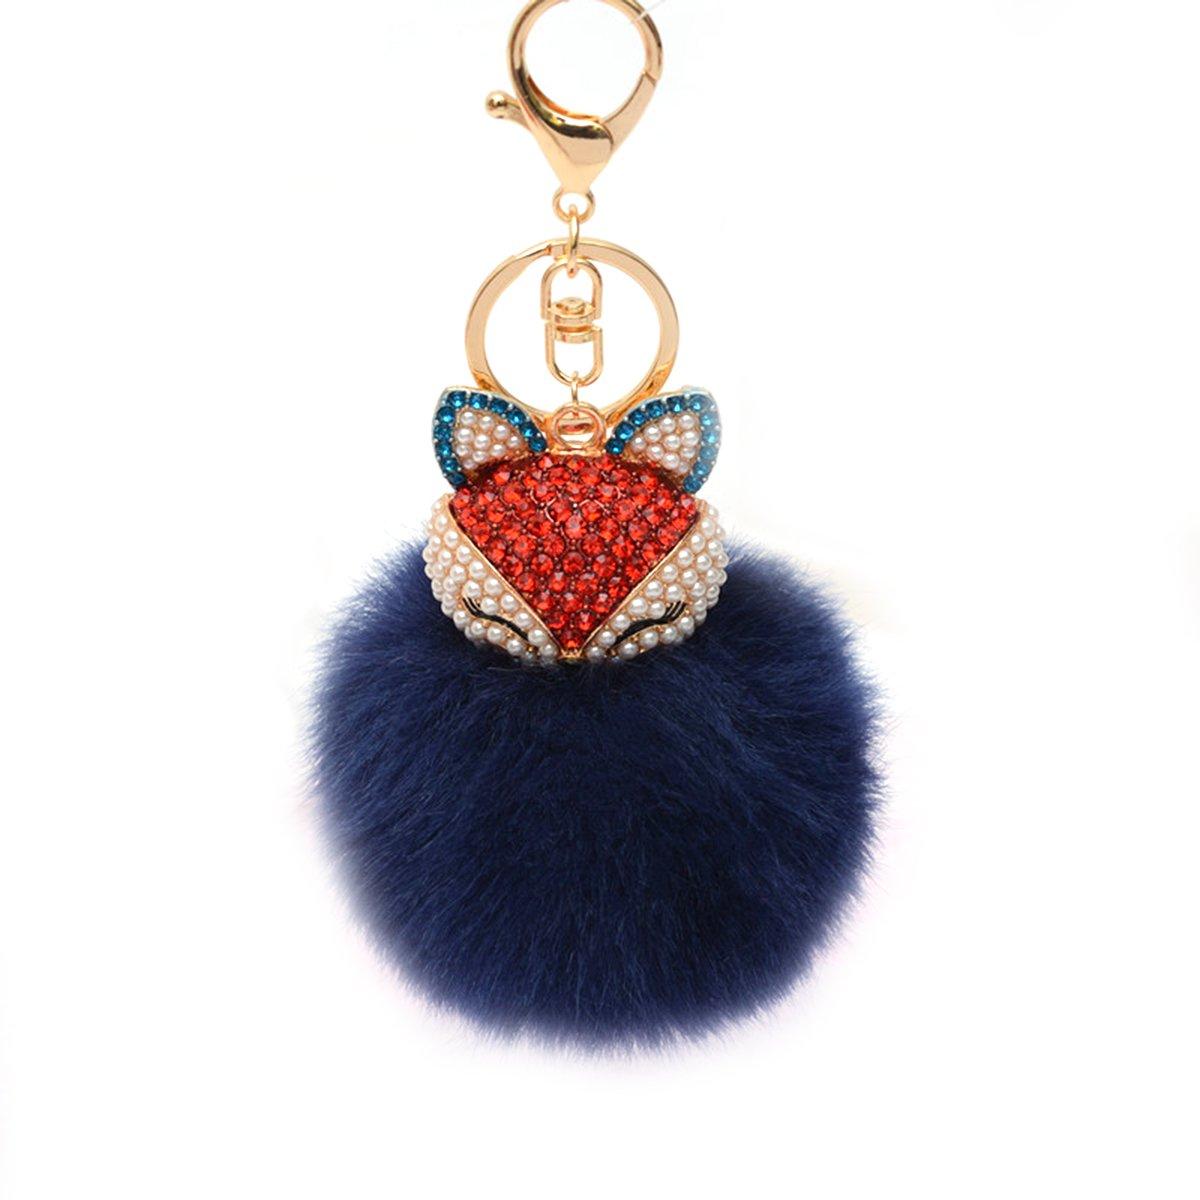 TOYMYTOY Llavero mullido de la bola con el llavero del embutido de los diamantes de imitació n de las perlas para el bolso / el telé fono mó vil / el colgante del coche de las mujeres (rosa)